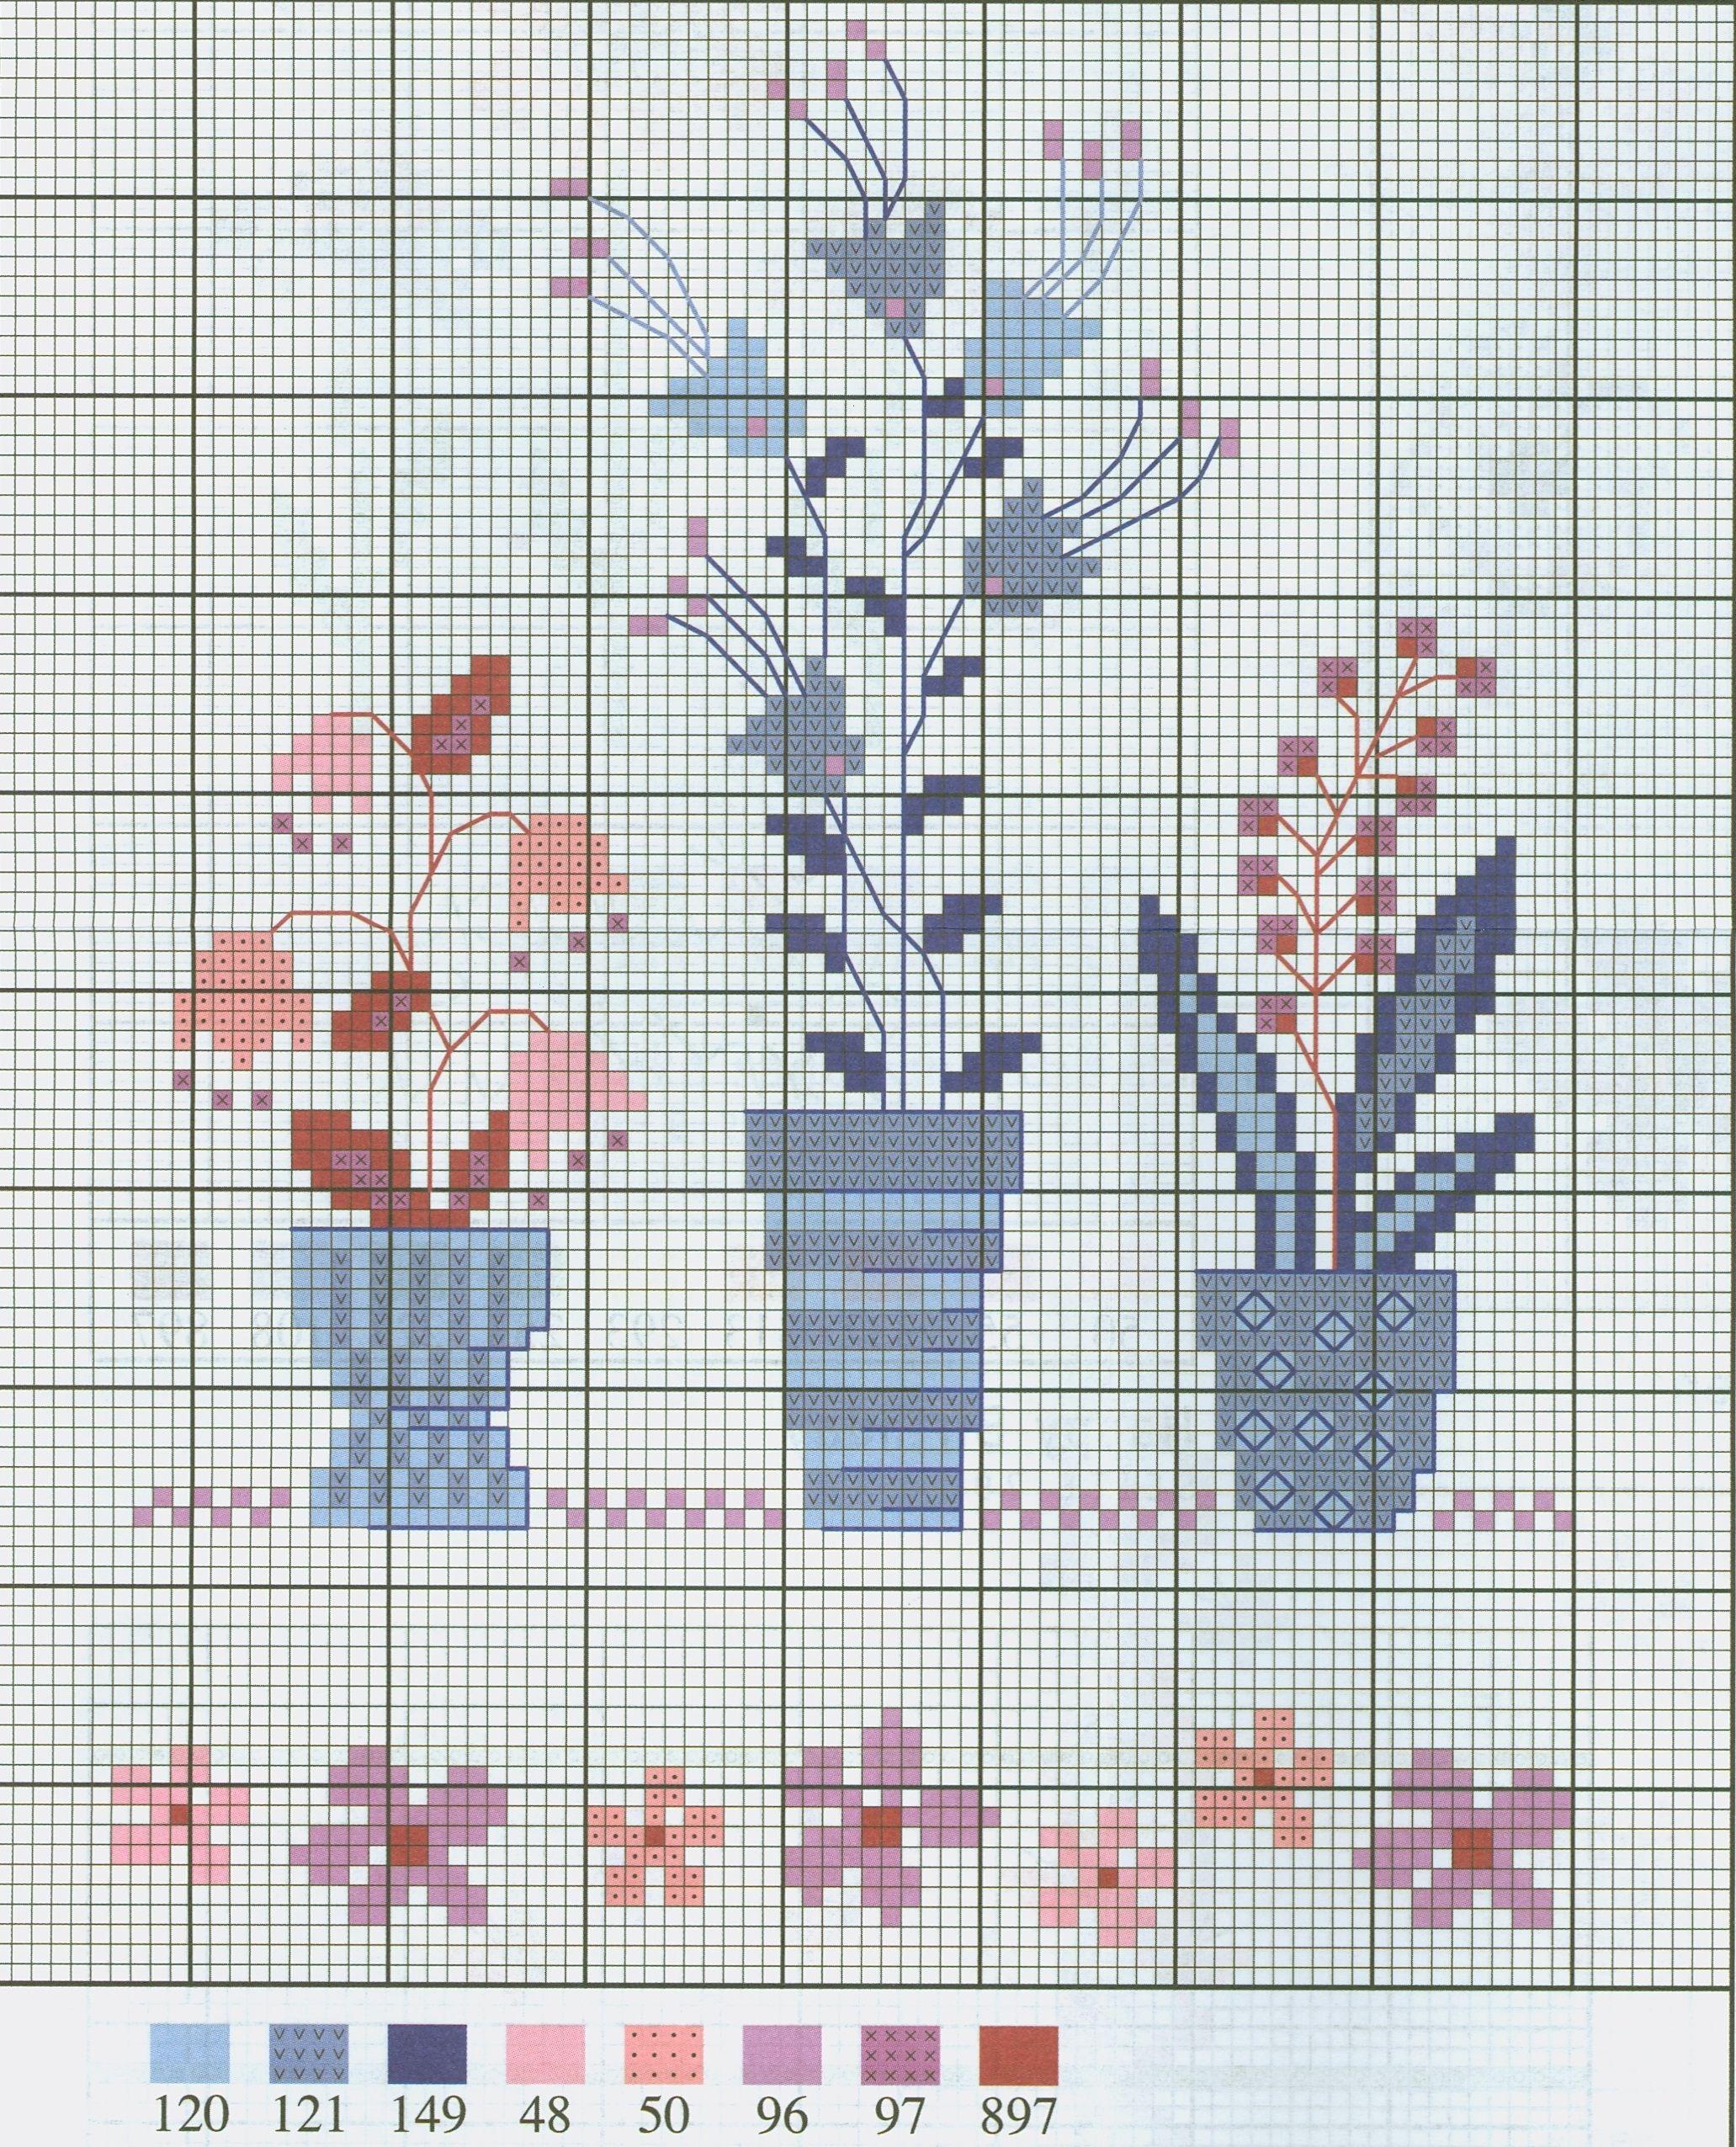 schemat999999999999999999999999999.jpg 2.063×2.551 piksel